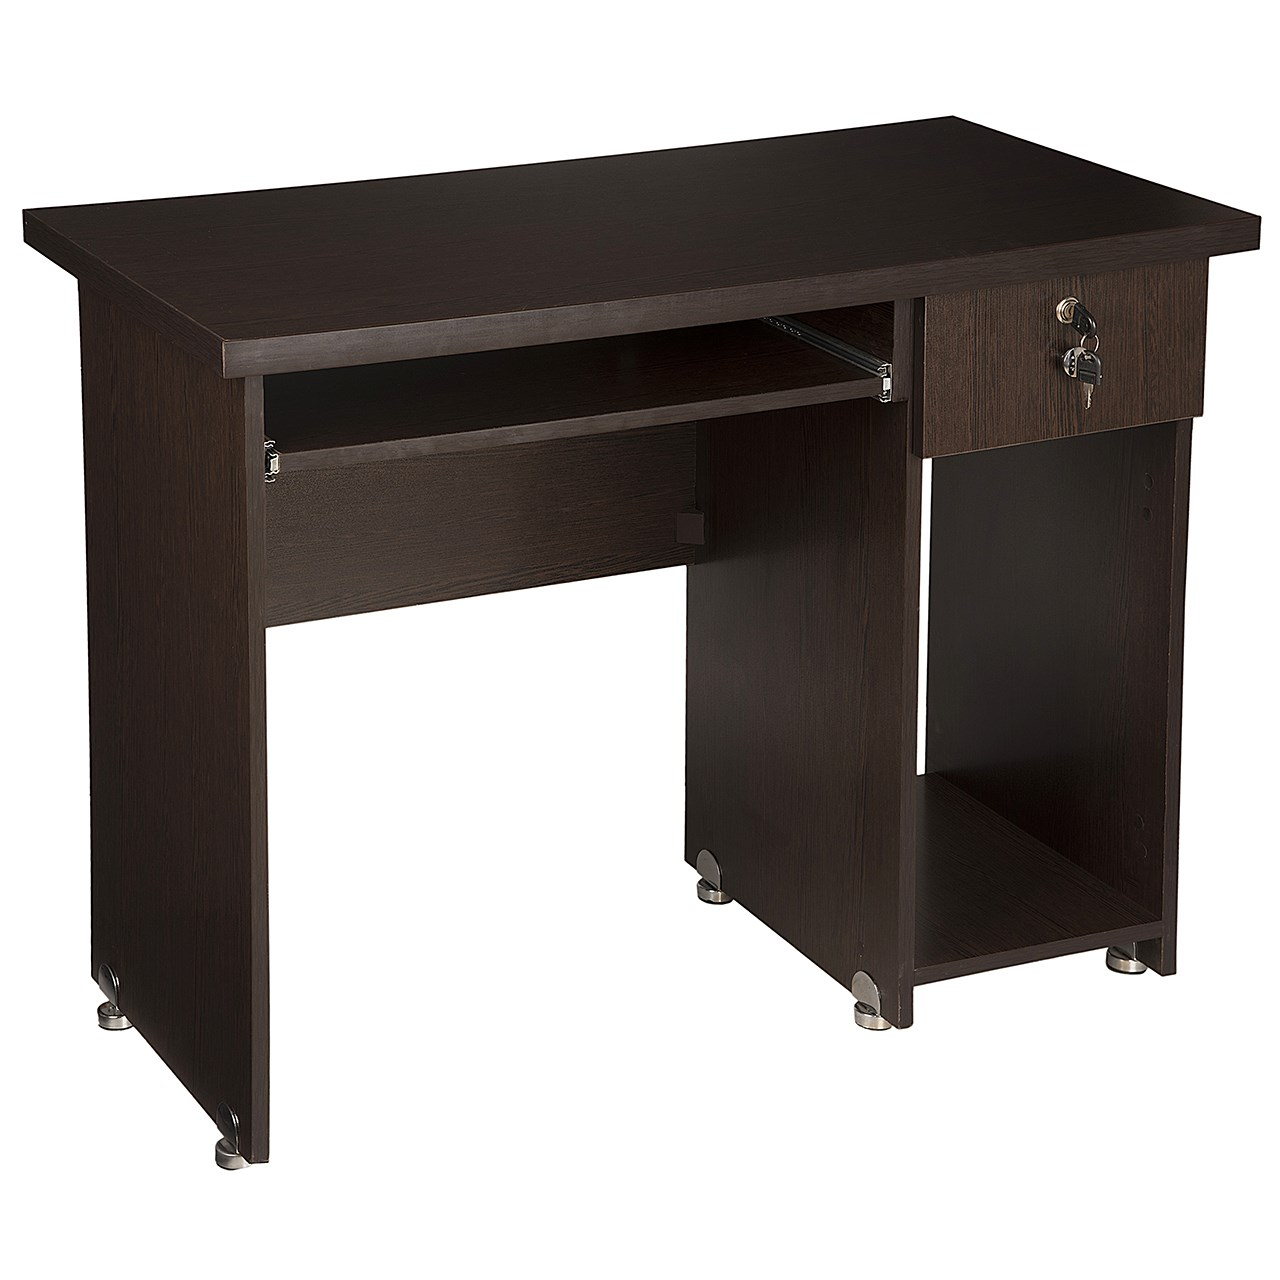 میز کامپیوتر نوین آرا مدل P513 | Novin Ara P513 Computer Desk